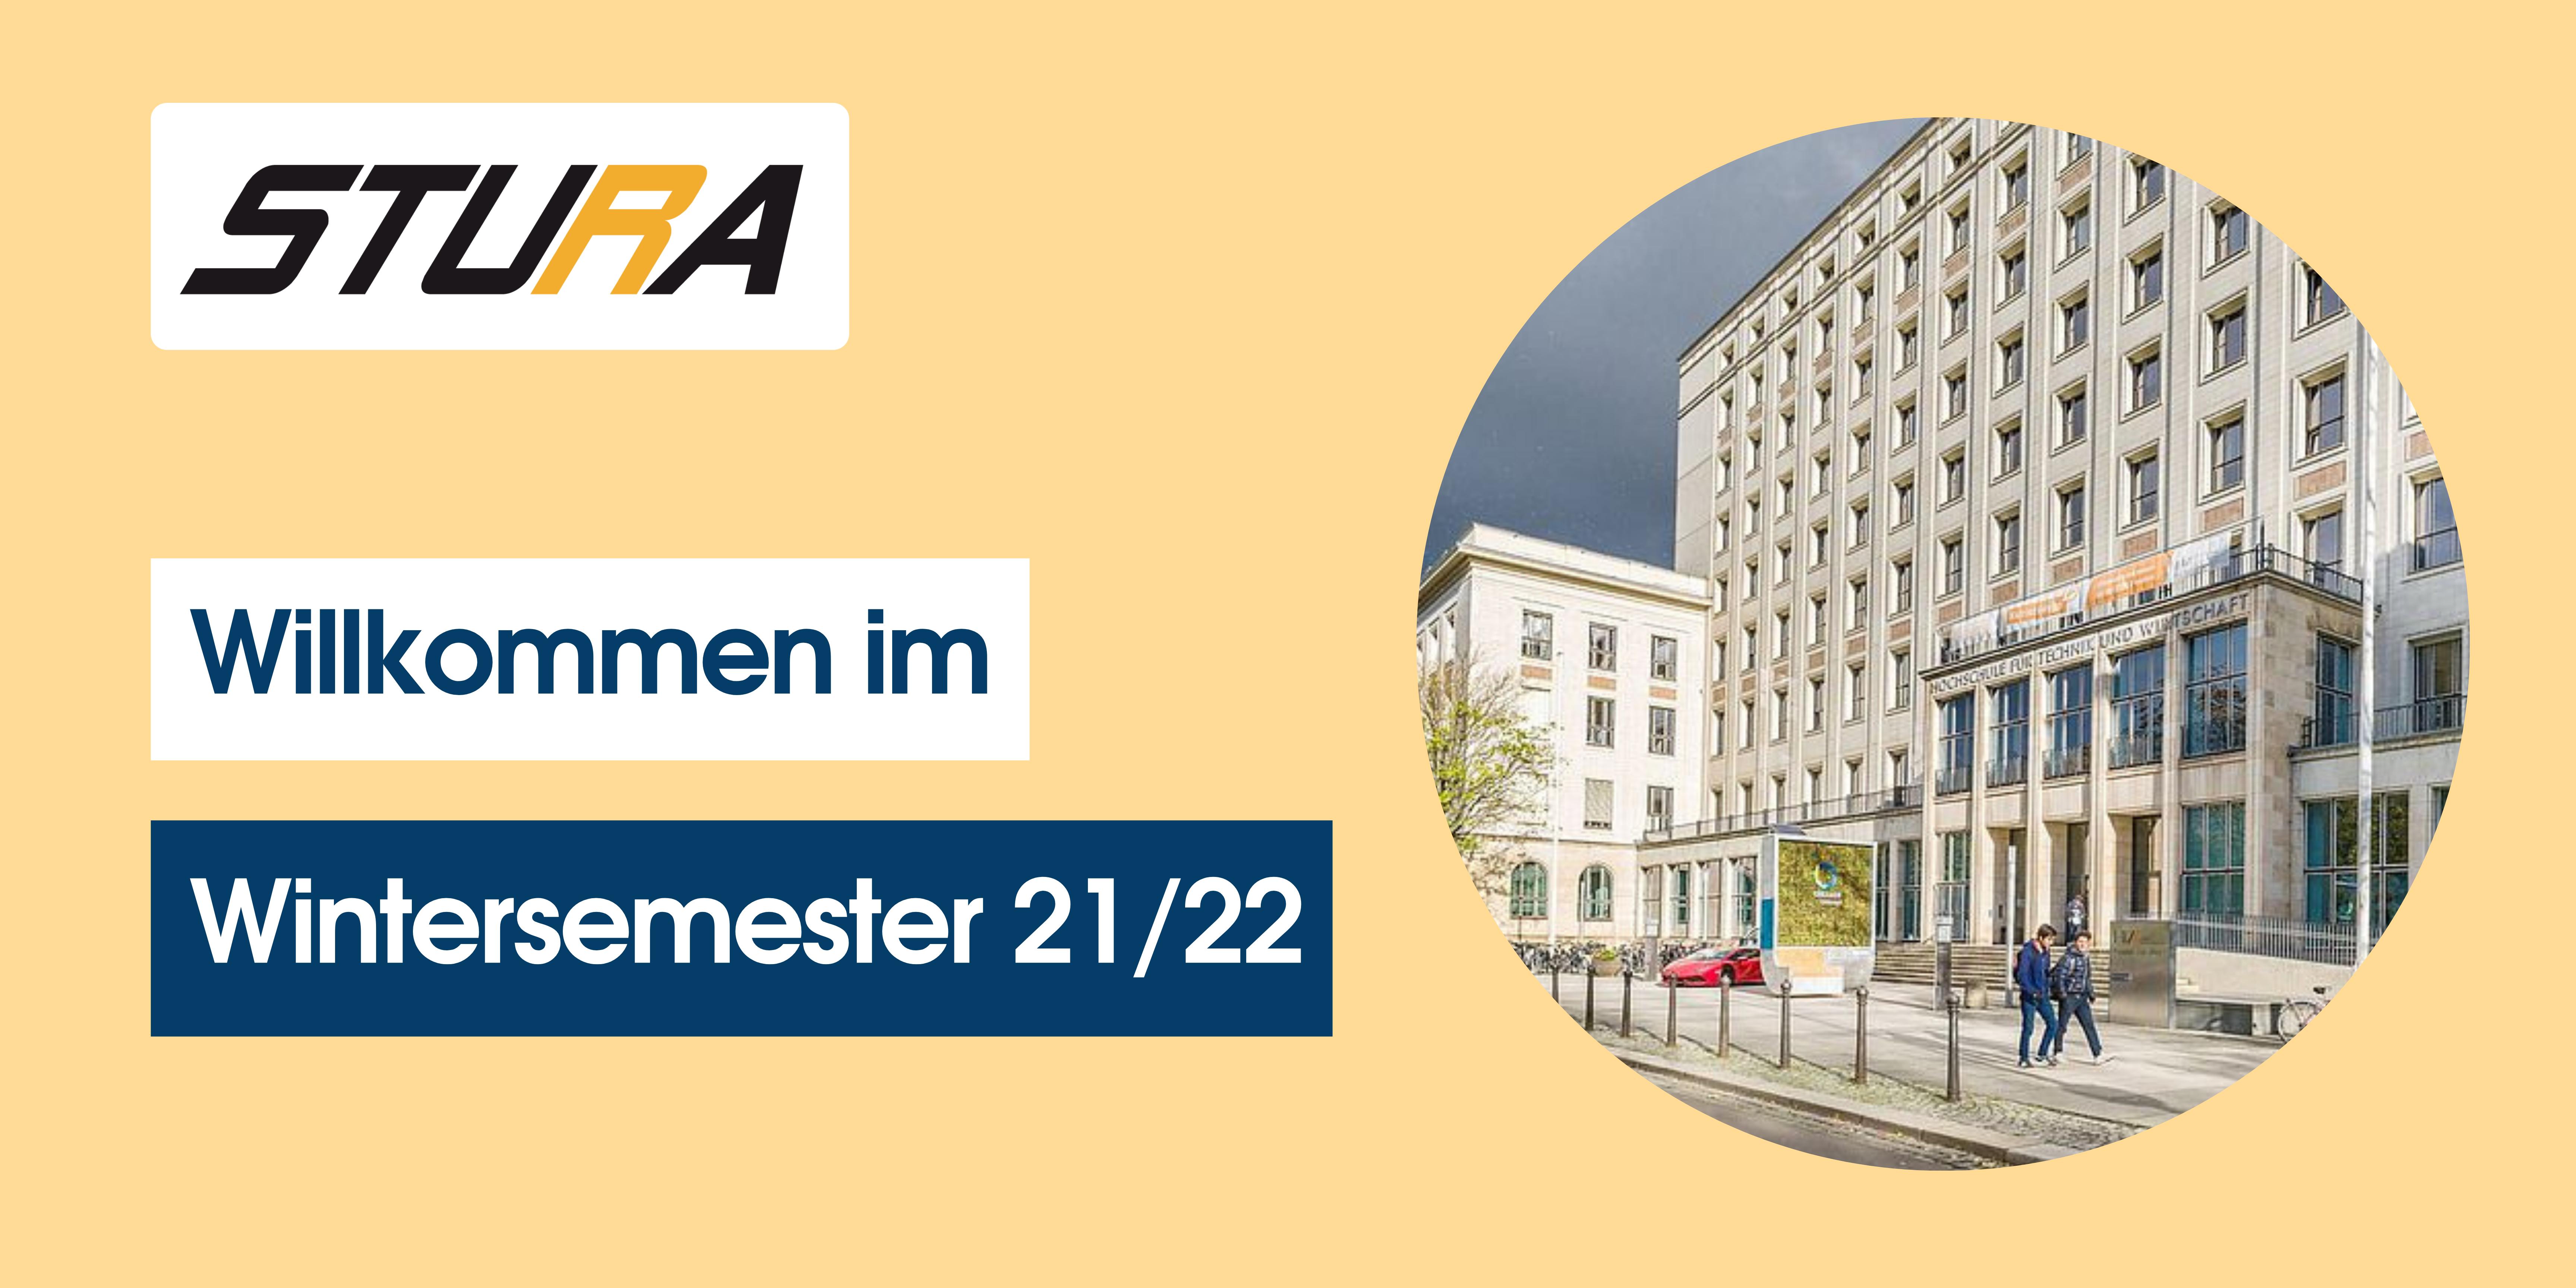 """Bild für die Startseite der Website vom StuRa zum Beginn vom Wintersemester 2021/2022 """"Willkommen im Wintersemester 21/22"""""""